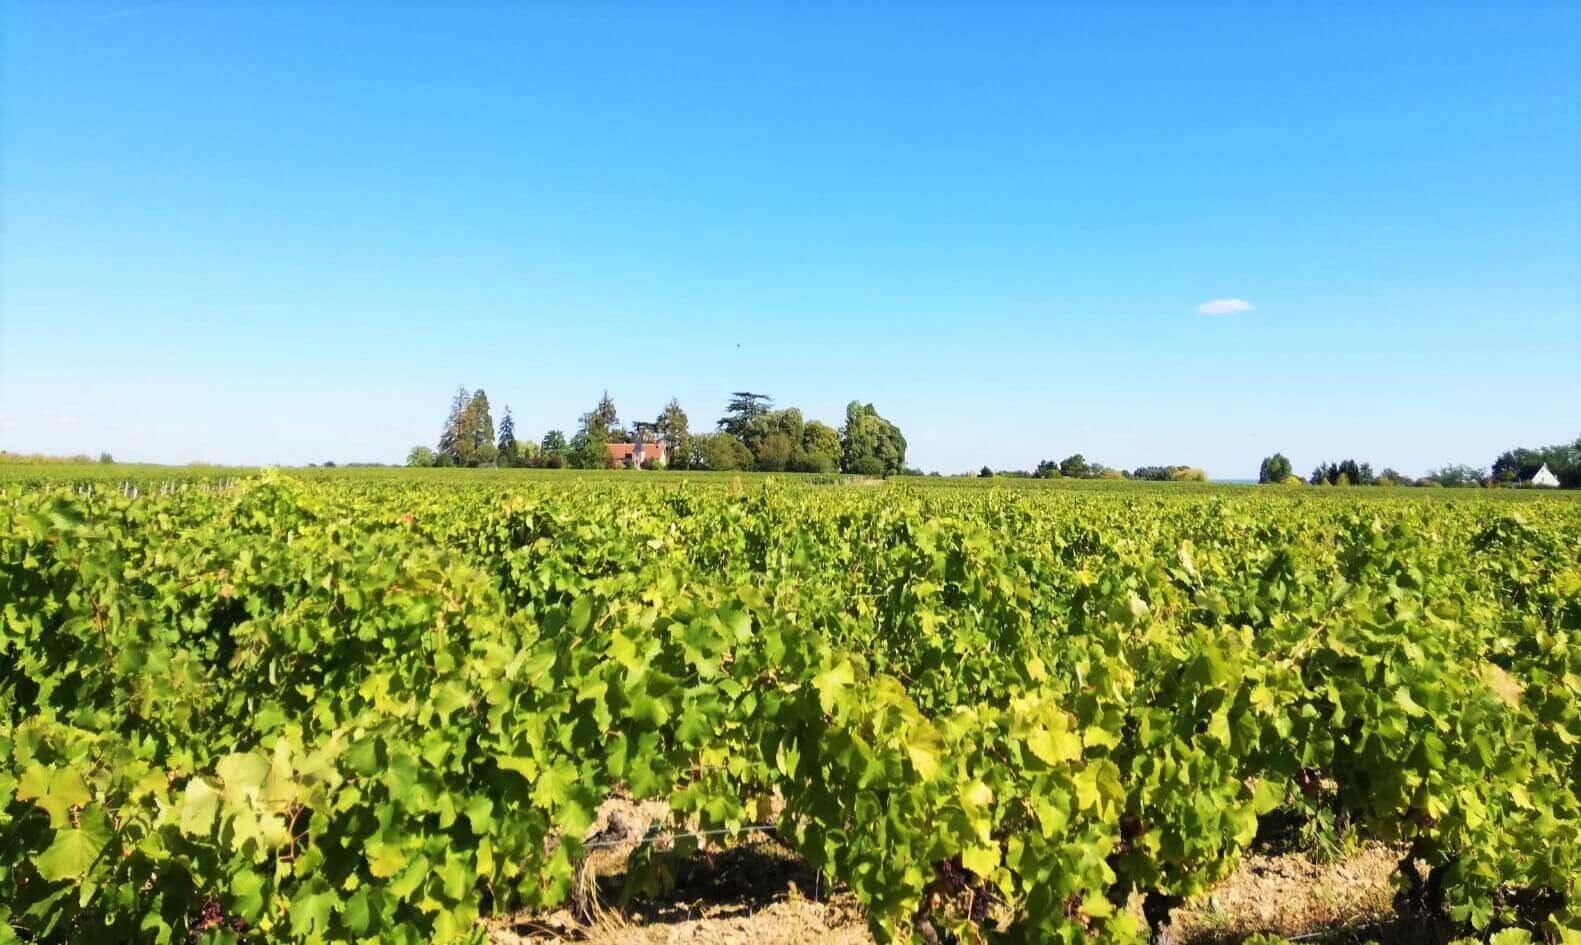 paysage vigne France